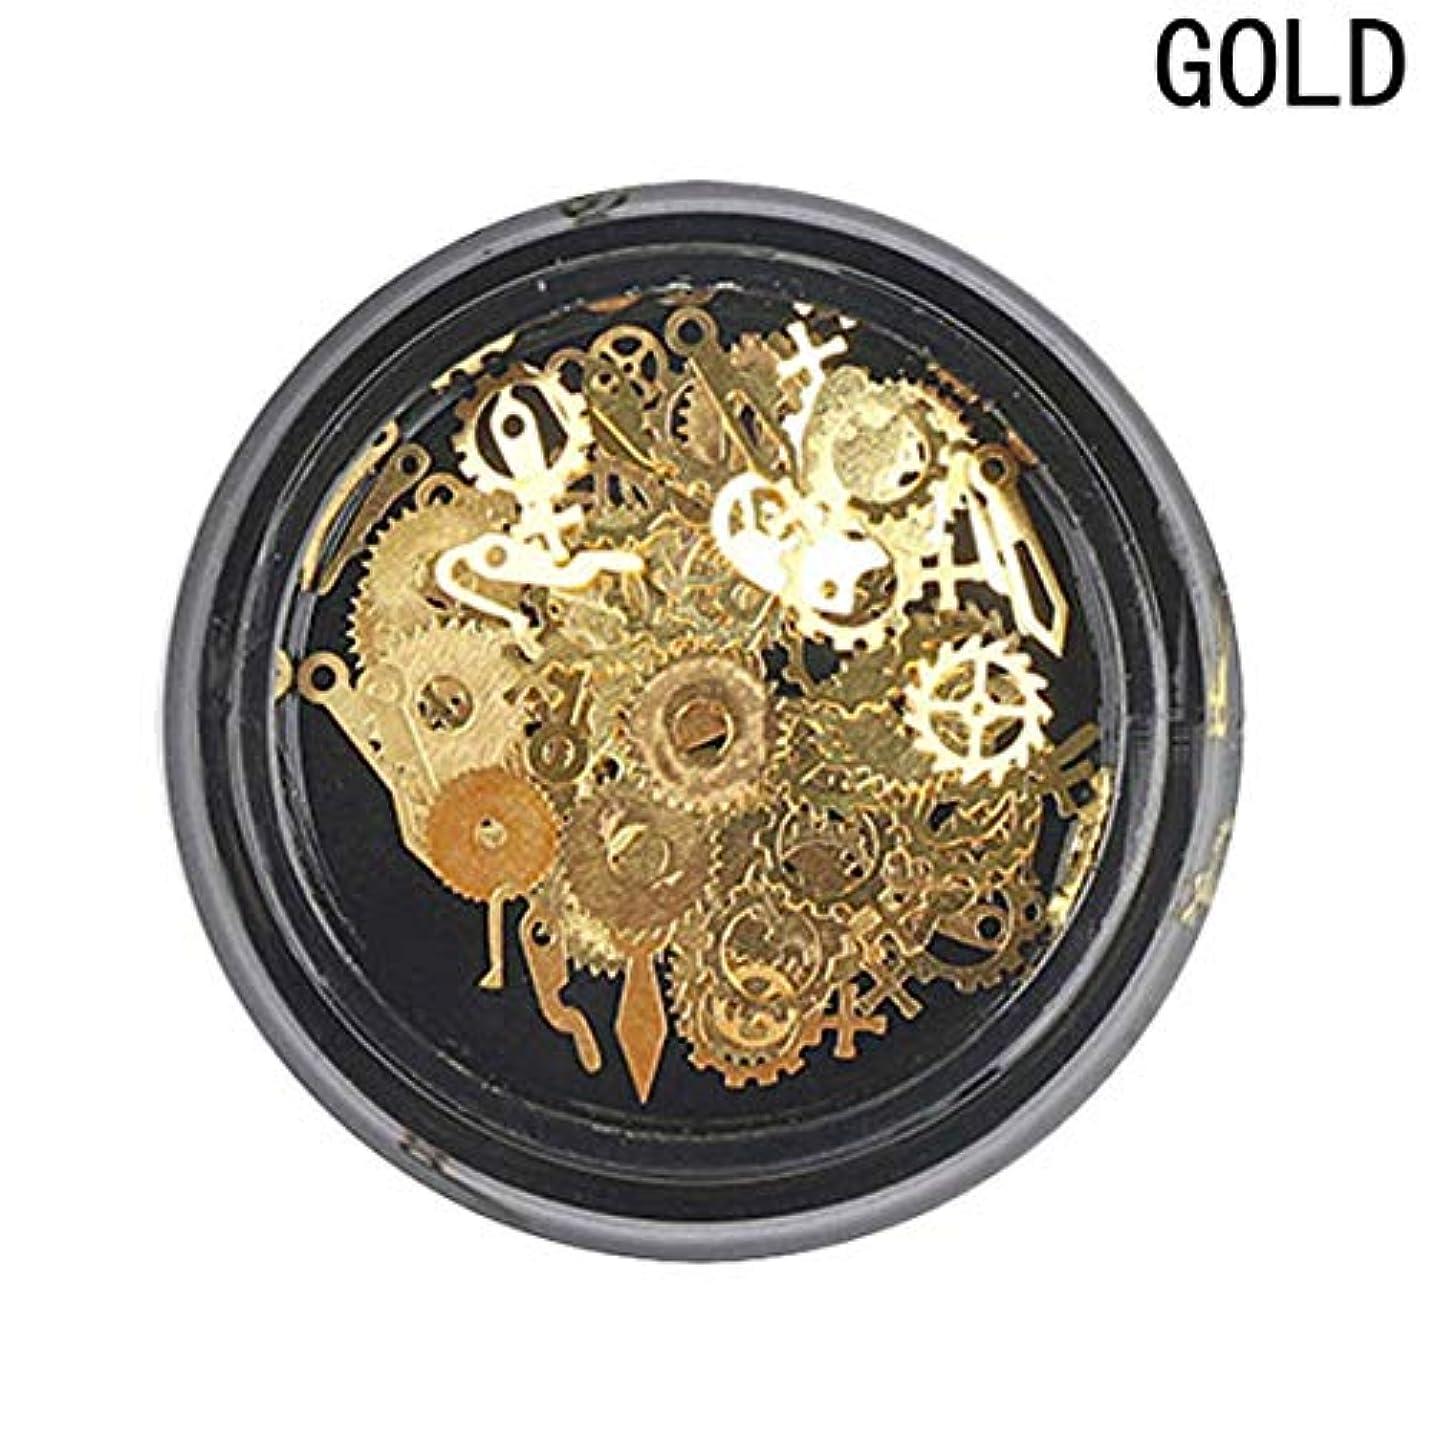 ブル扇動周りYoshilimen 新しいスタイルファッションユニークな合金蒸気パンクギアネイルアート装飾金属スタイルの創造的な女性の爪DIYアクセサリー1ボックス(None golden)